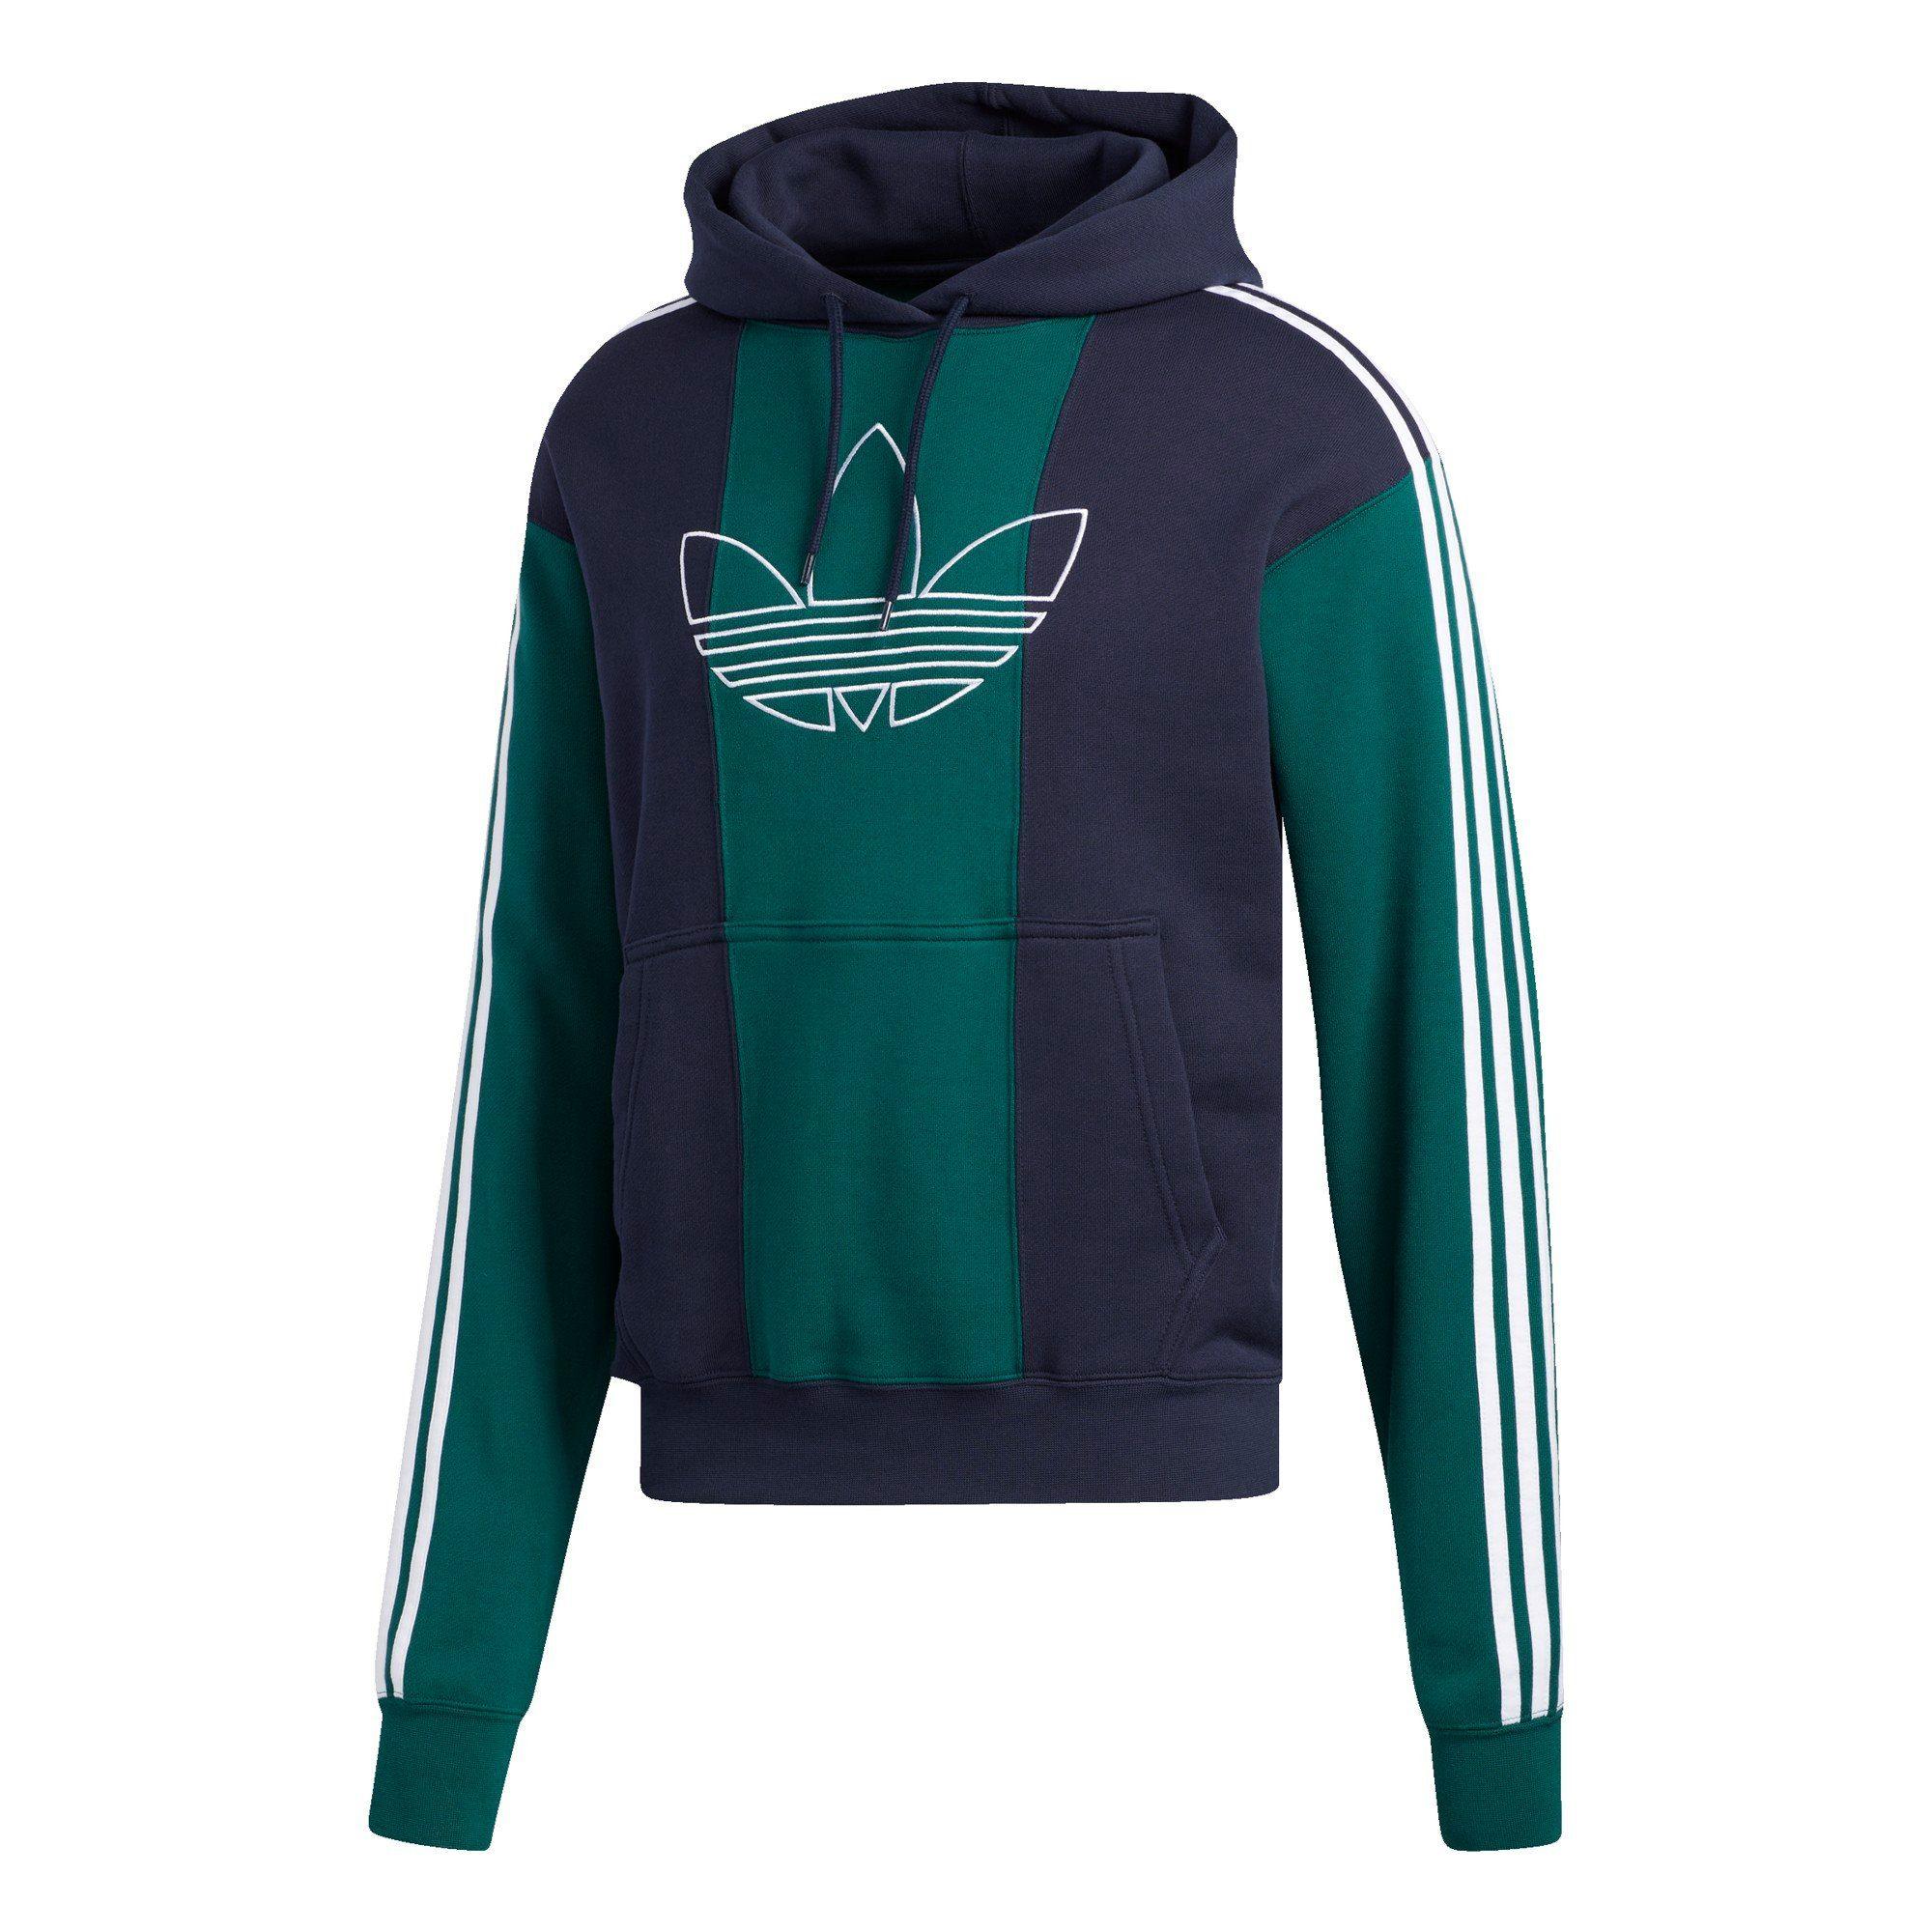 Adidas Trefoil Hoodie Kapuzenpullover in Grün Größe L Sweatshirt